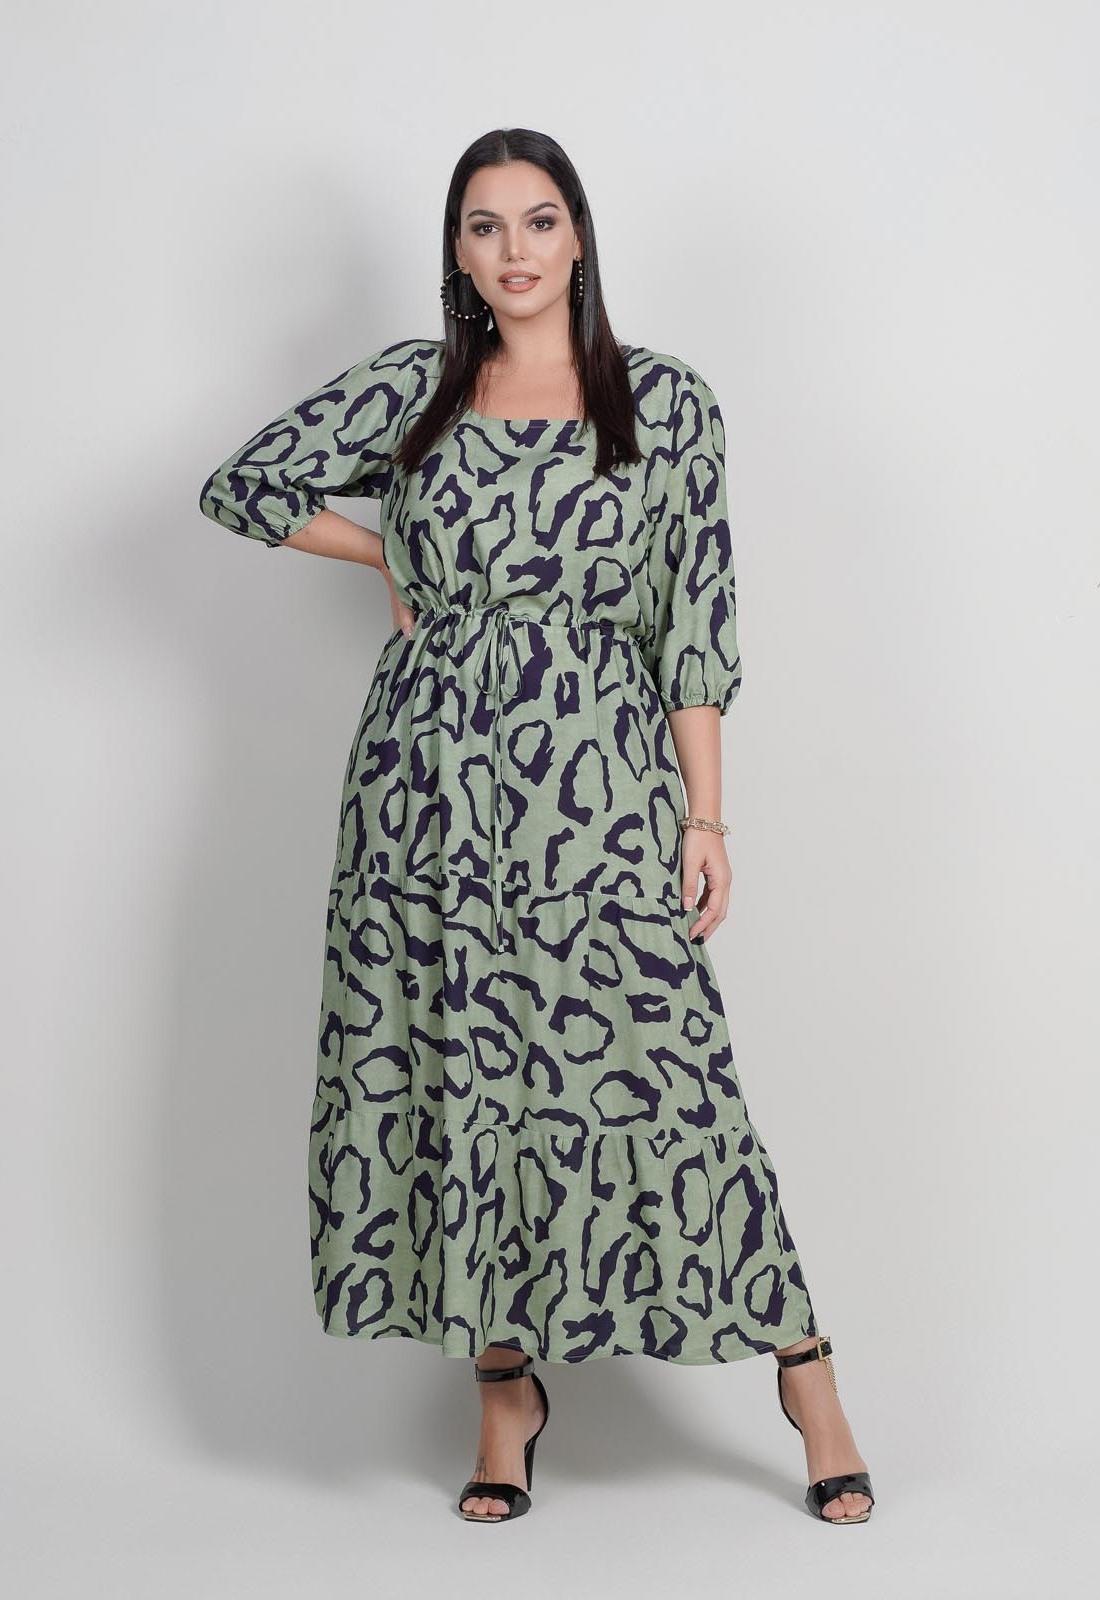 Vestido oliva estampado  plus size com manga  Ref. U64521